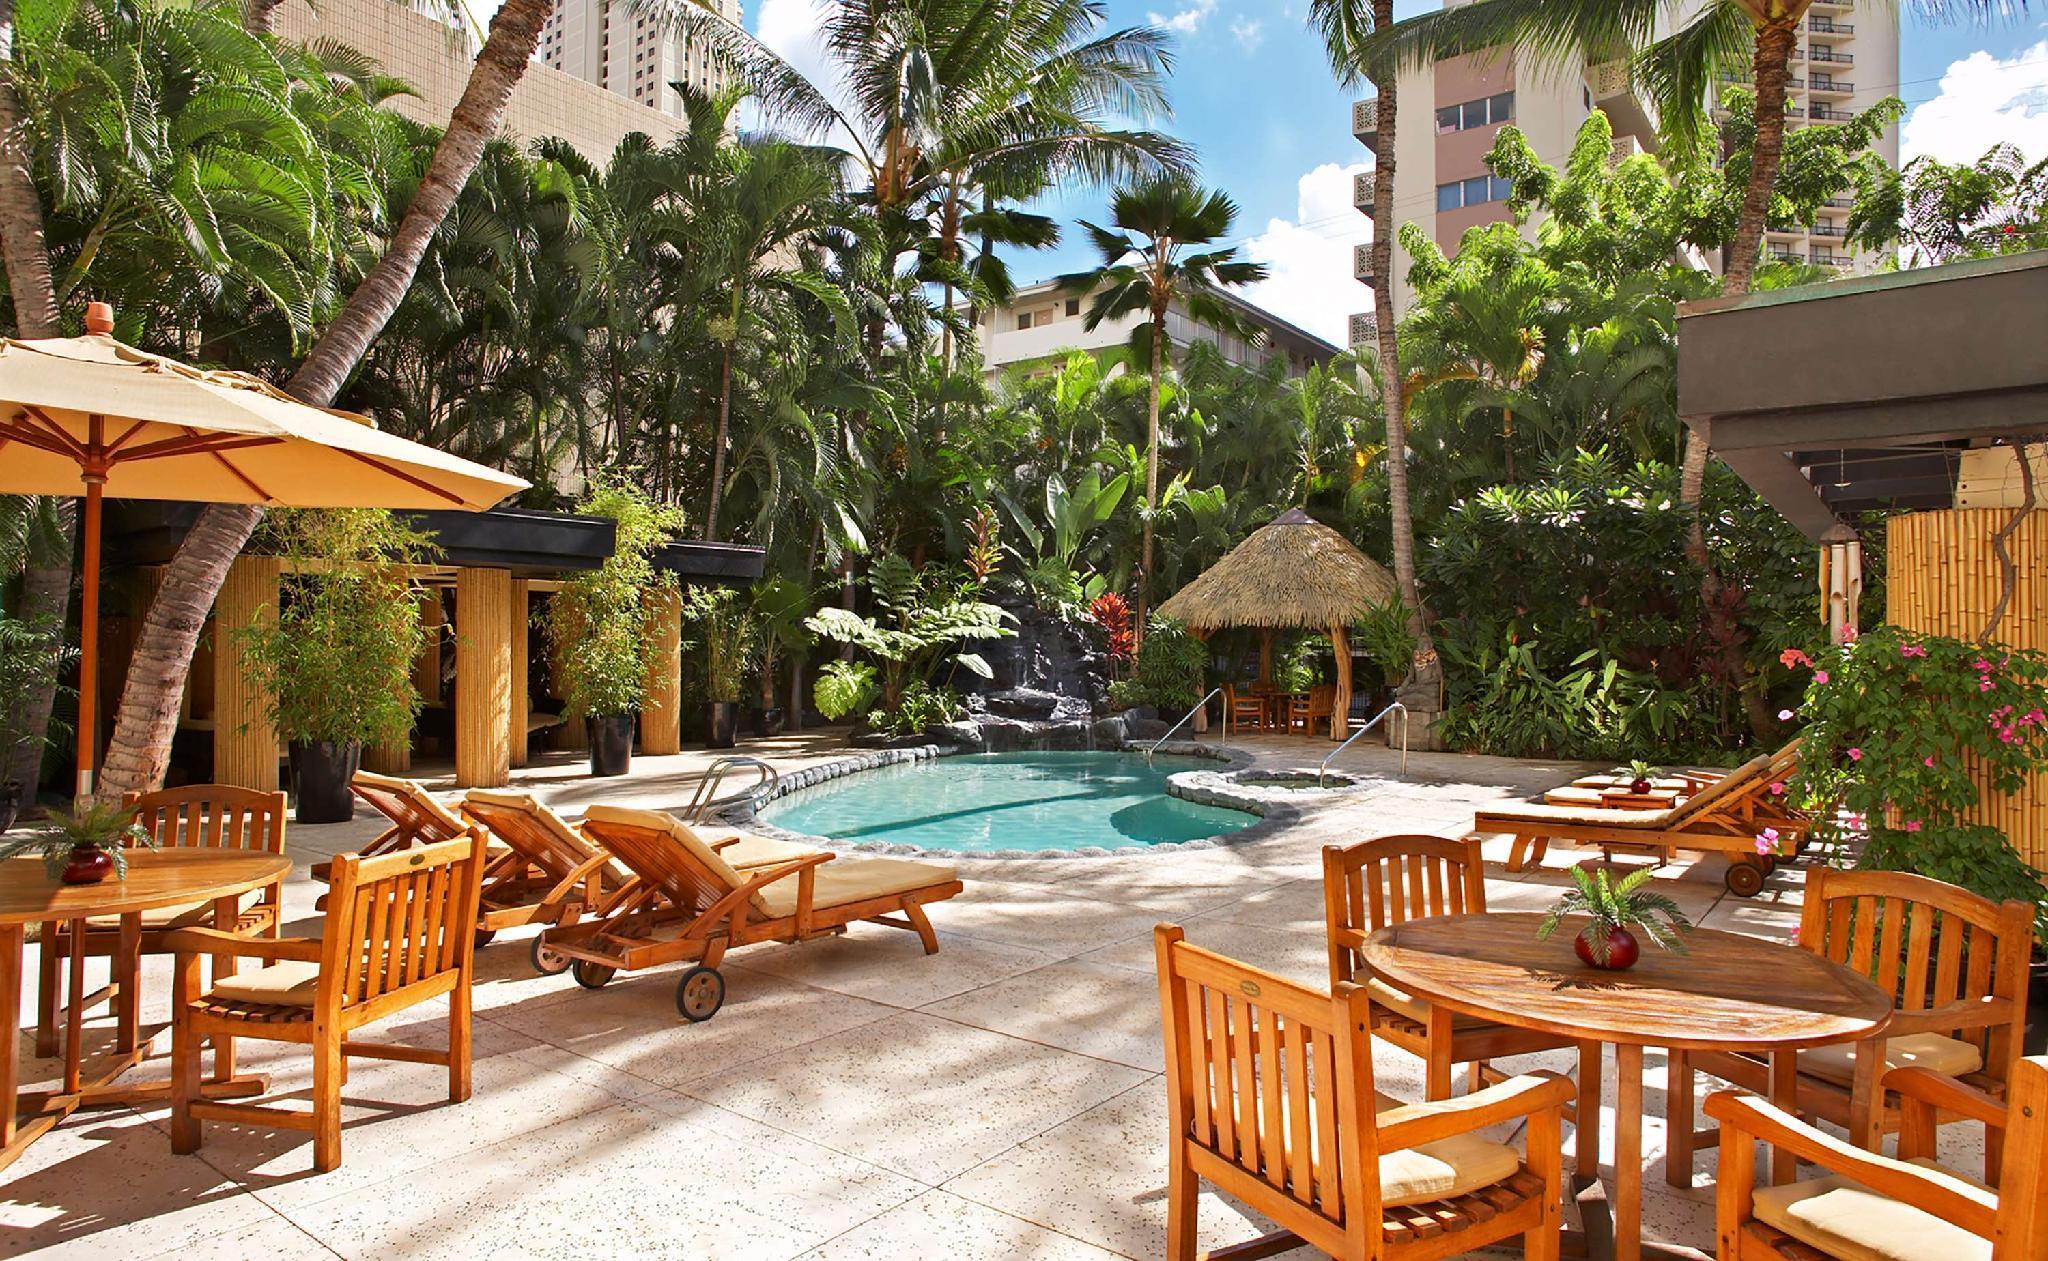 Bamboo Waikiki image